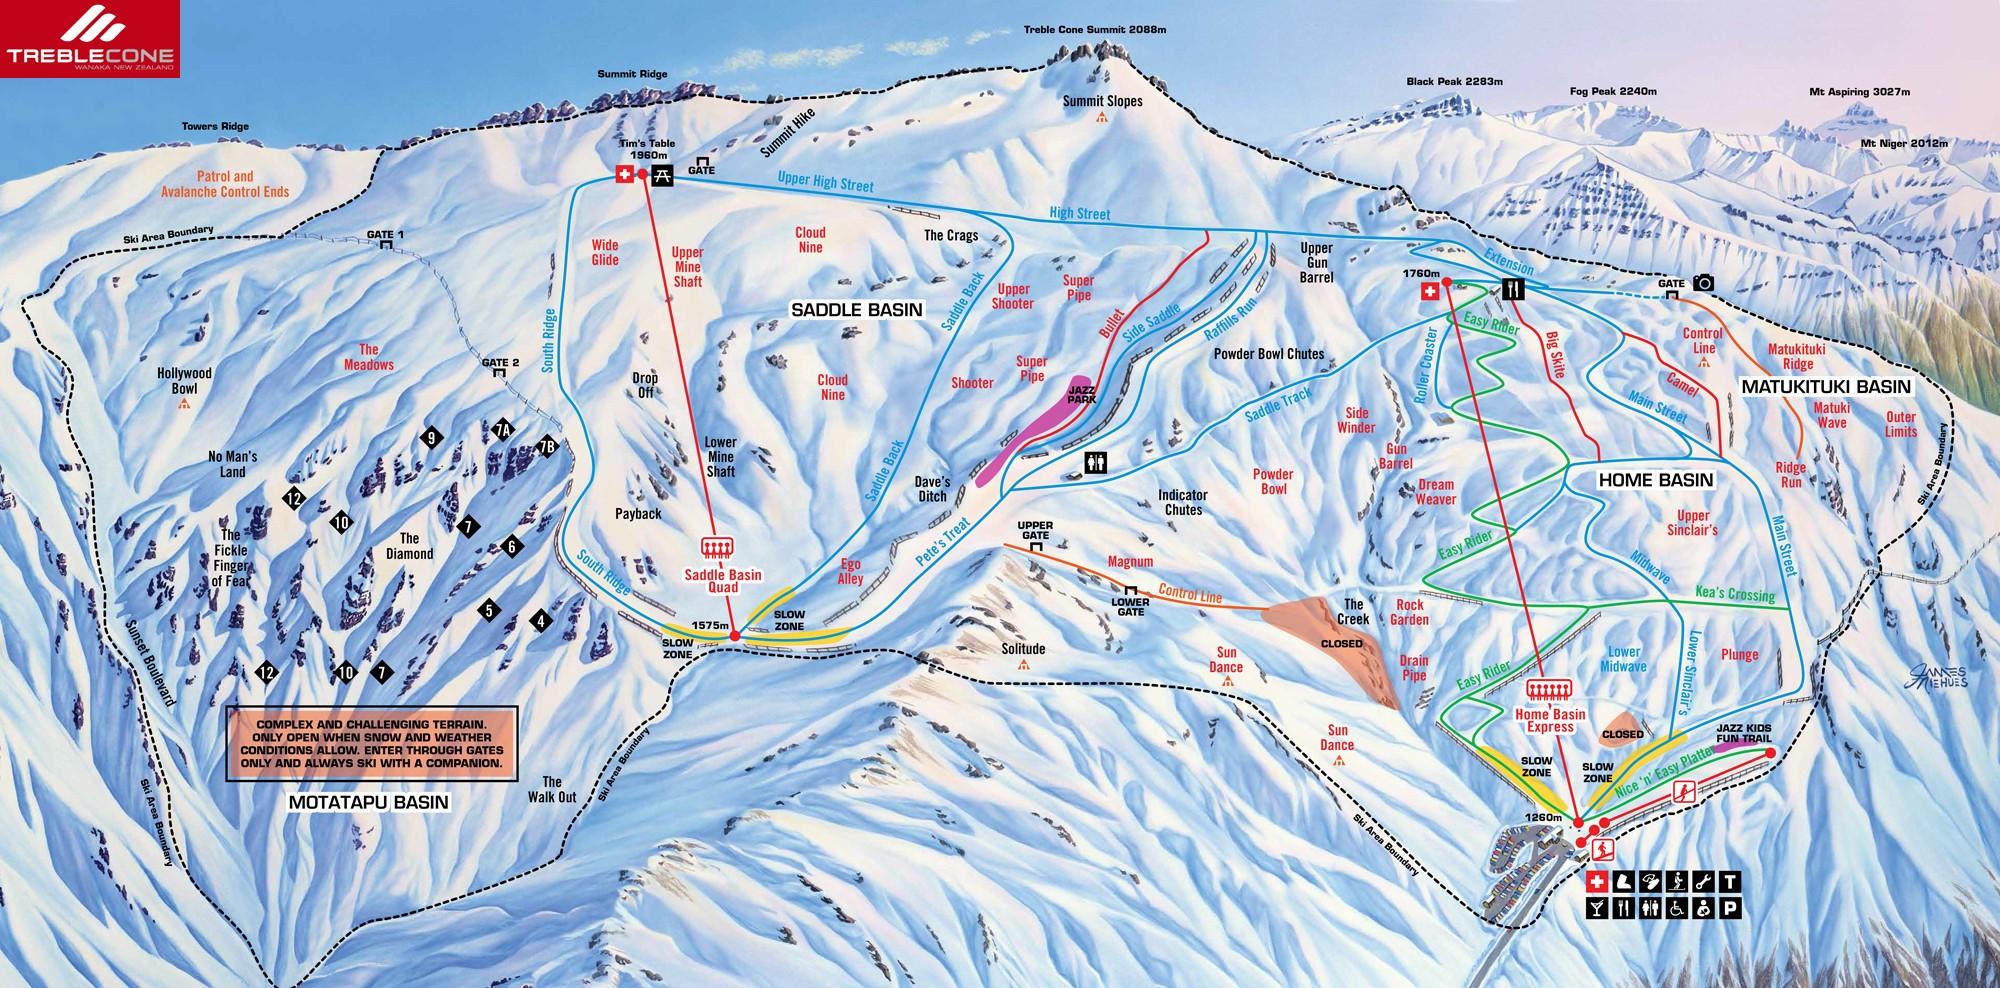 Treble Cone Trail map